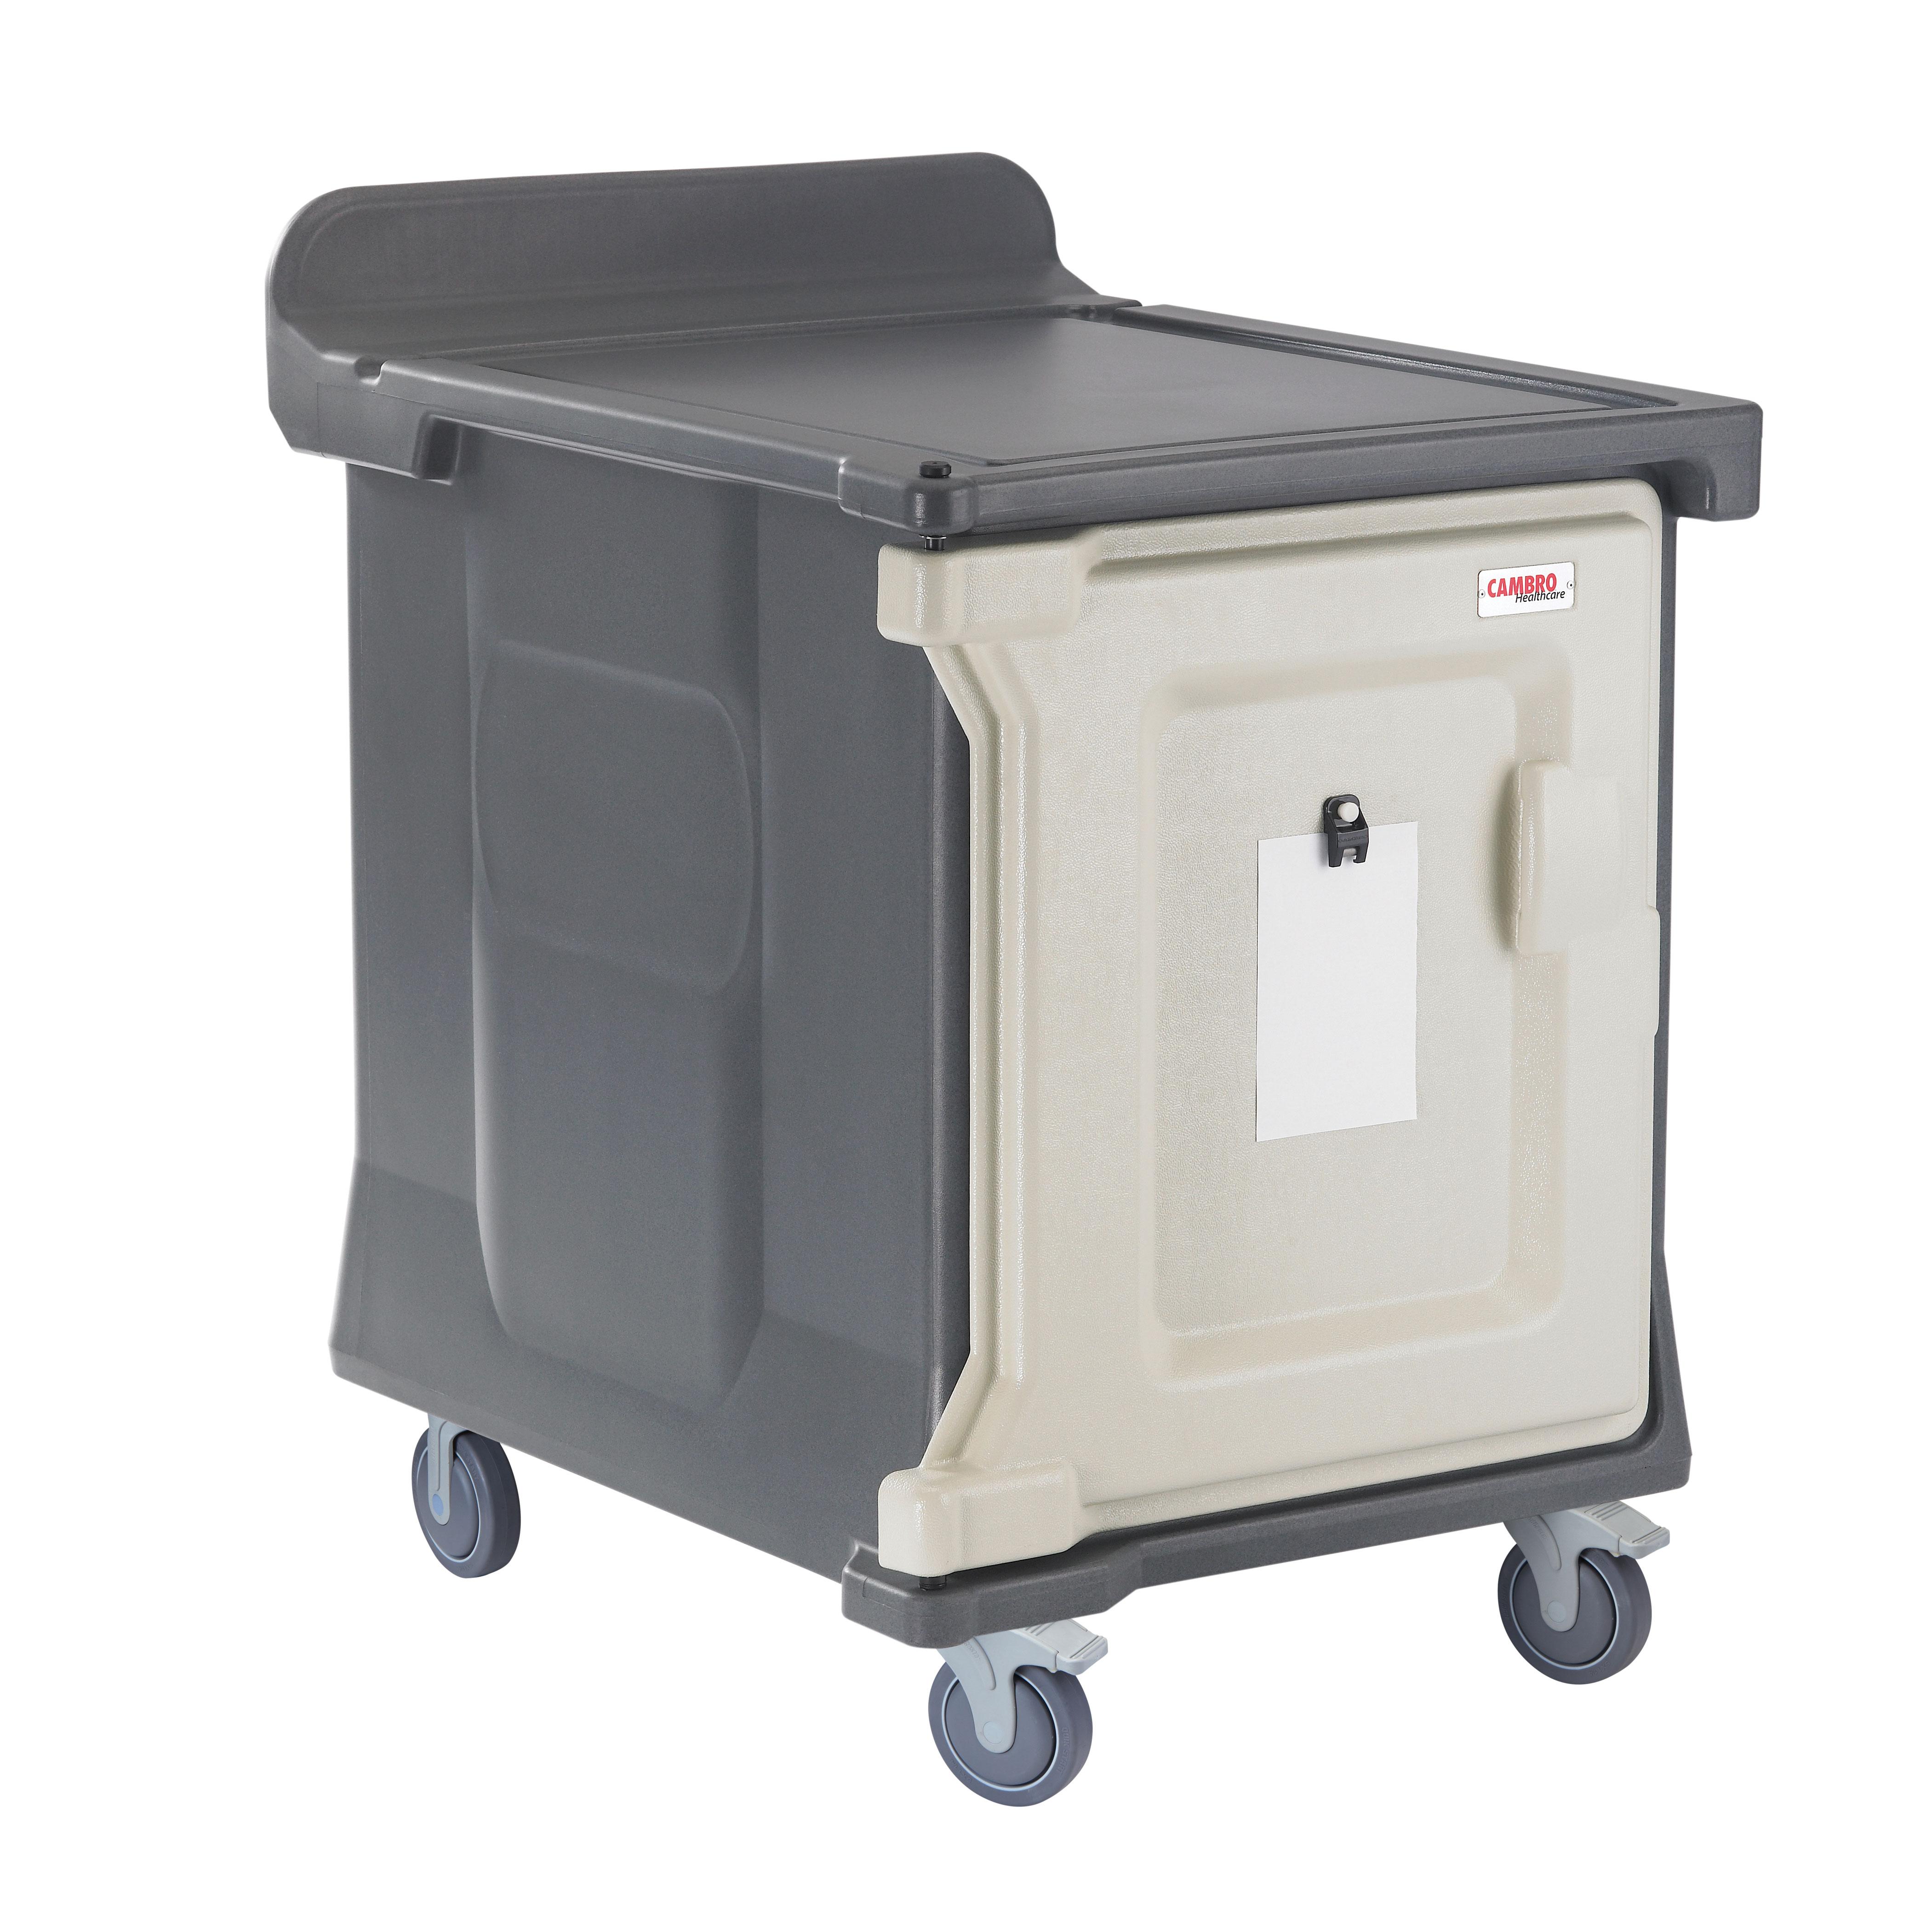 Cambro MDC1520S10DH191 utility carts